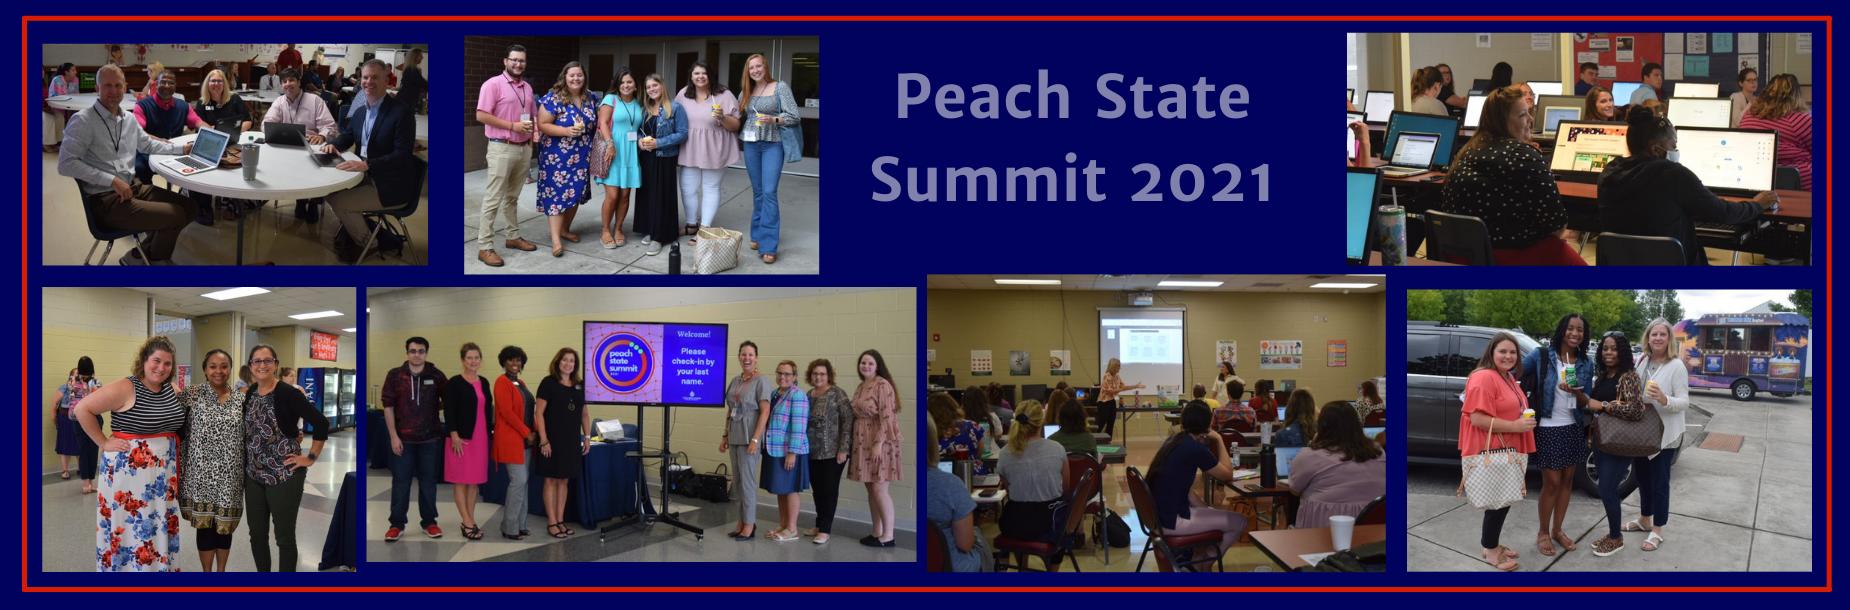 Peach State Summit